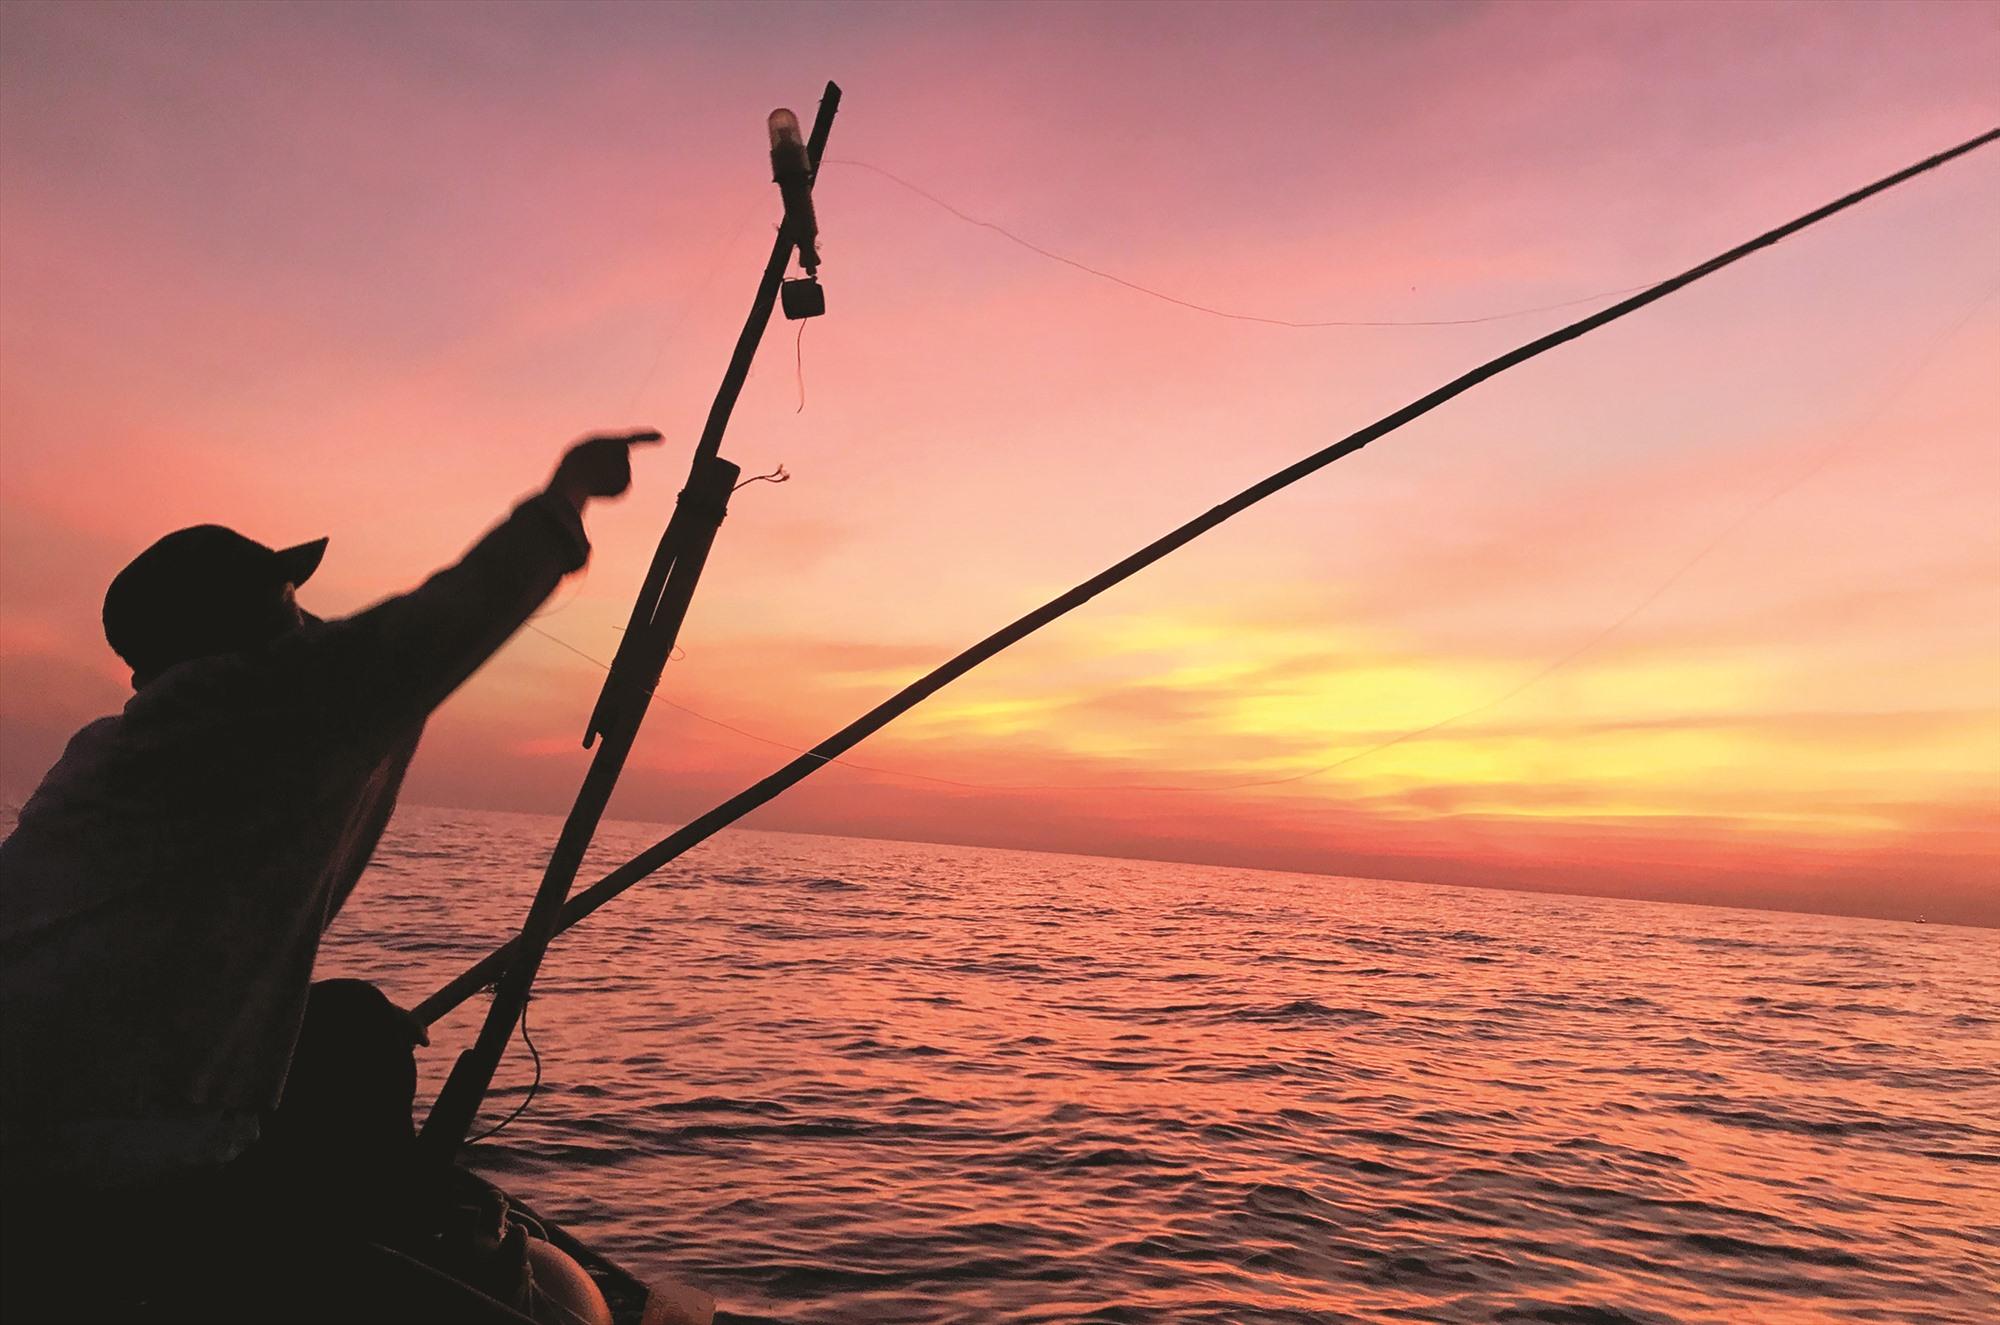 Từ tờ mờ sáng, ngư dân chuẩn bị chạy câu.